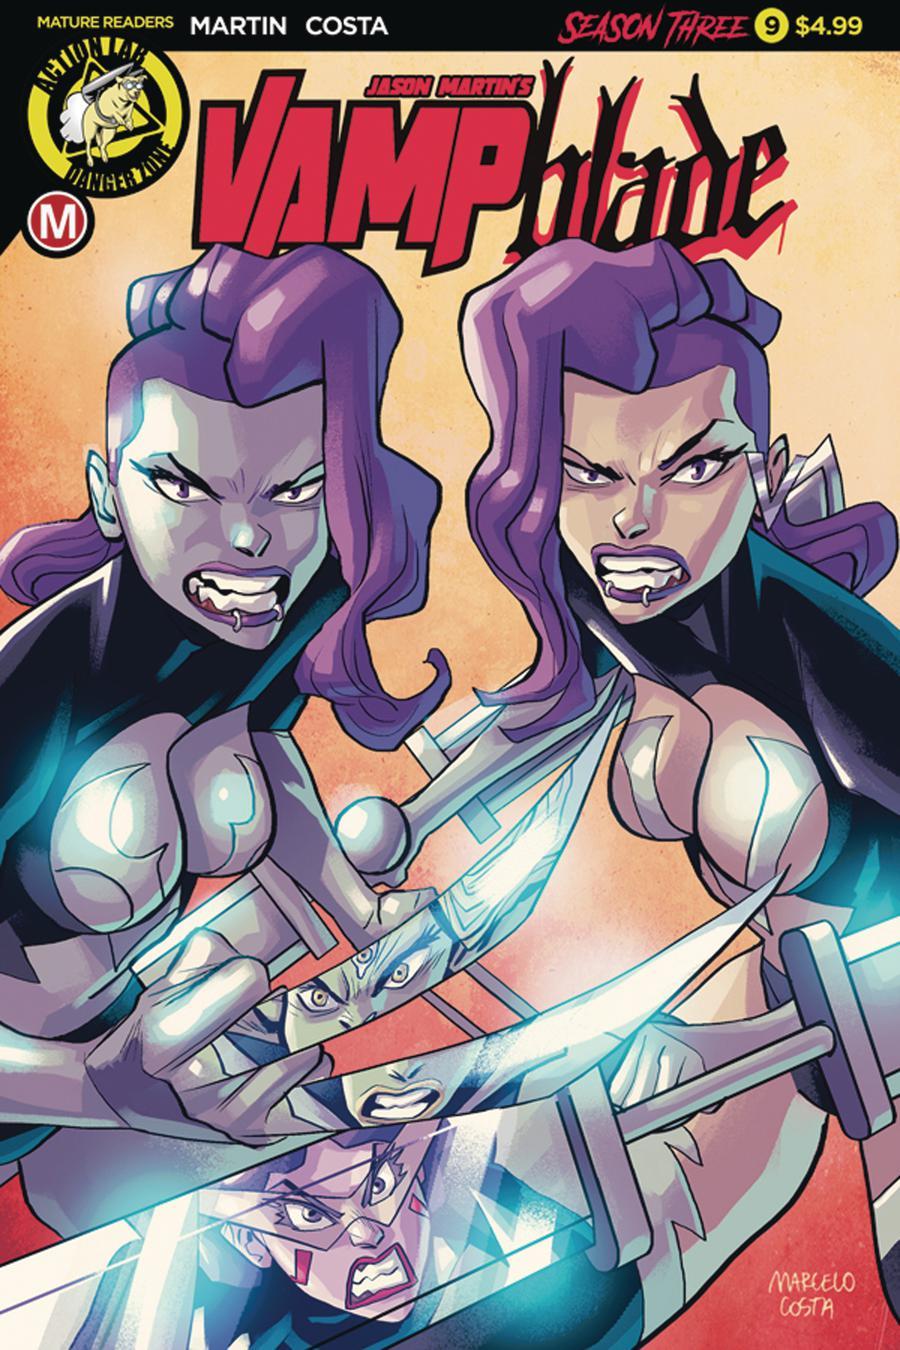 Vampblade Season 3 #9 Cover A Regular Marcelo Costa Cover